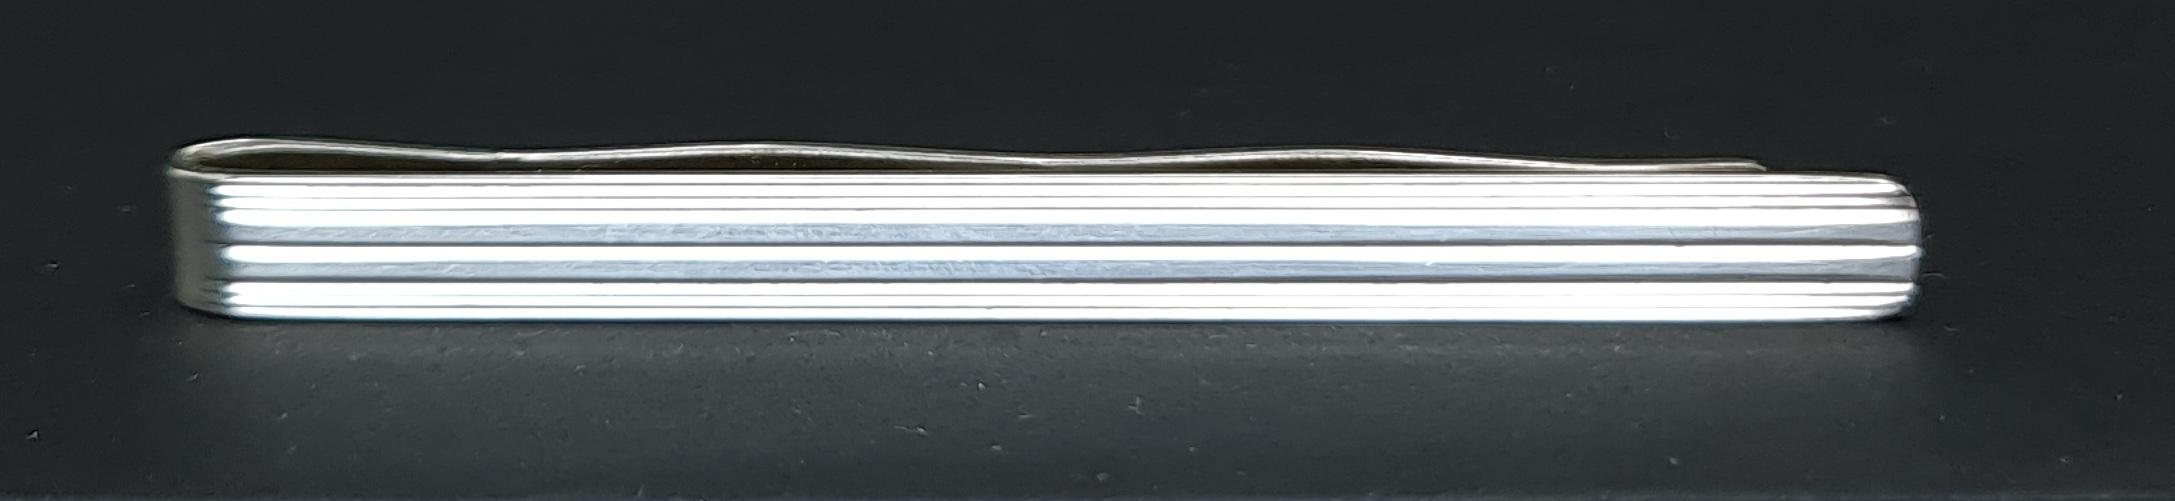 j hessing zilver hessing juwelier hessing dasspeld massief zilver dasspeld hessing j hessing voorburg zilver dasspeld tie clip solid zilver 835 hessing voorburg zilver skoander.com